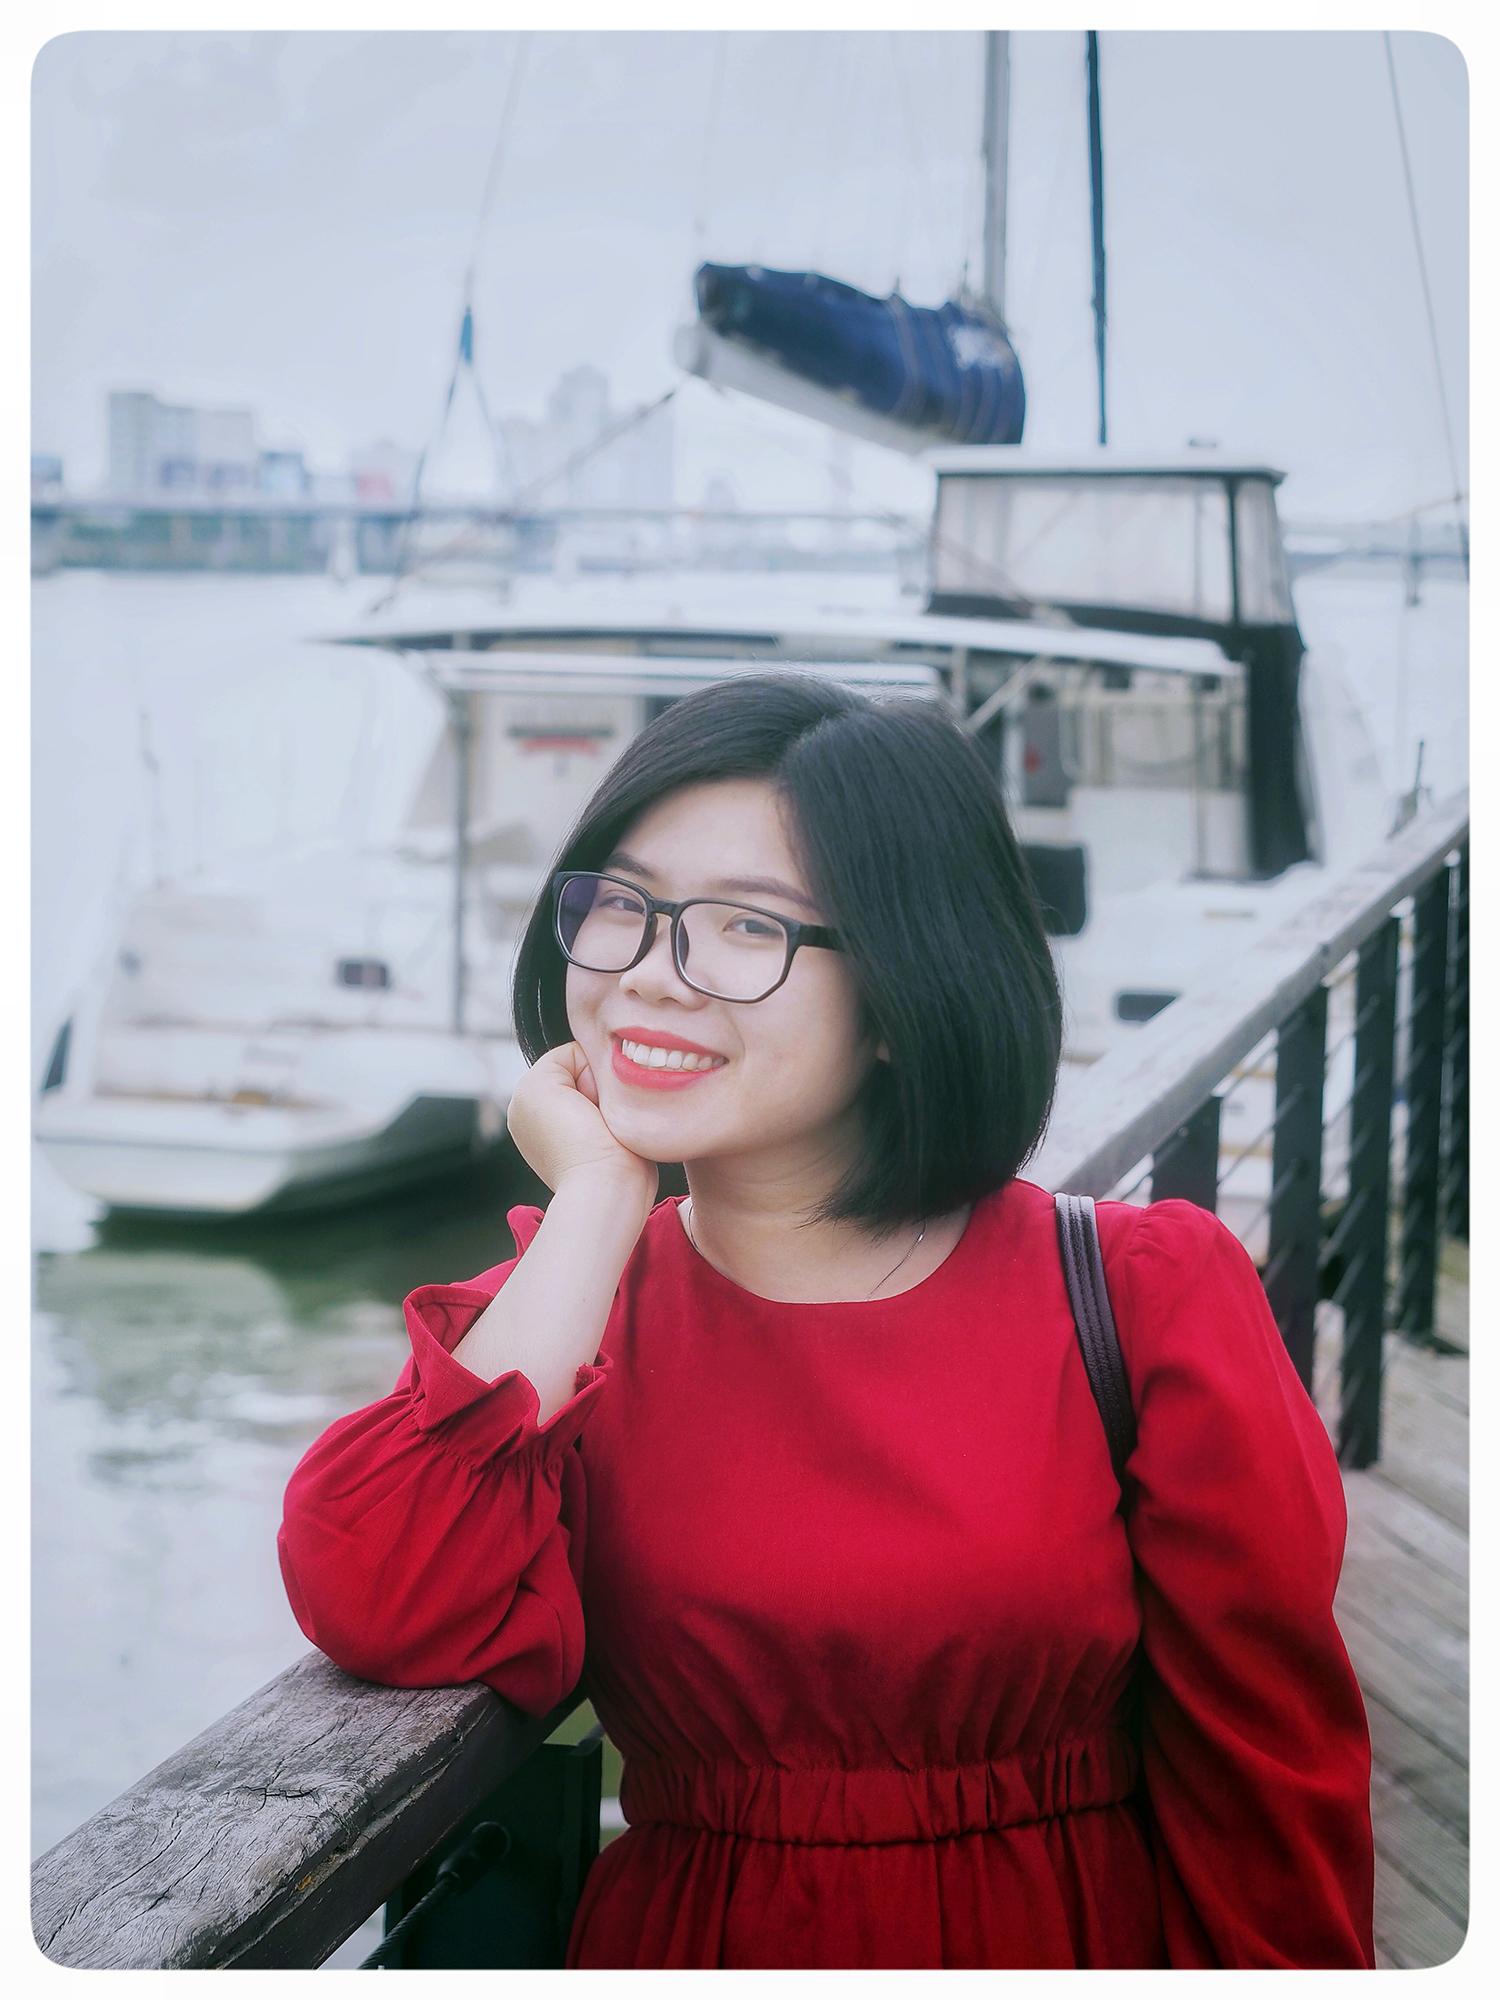 Khoi Studio: Dịch vụ chụp ảnh chân dung ngoại cảnh tại Đà Nẵng